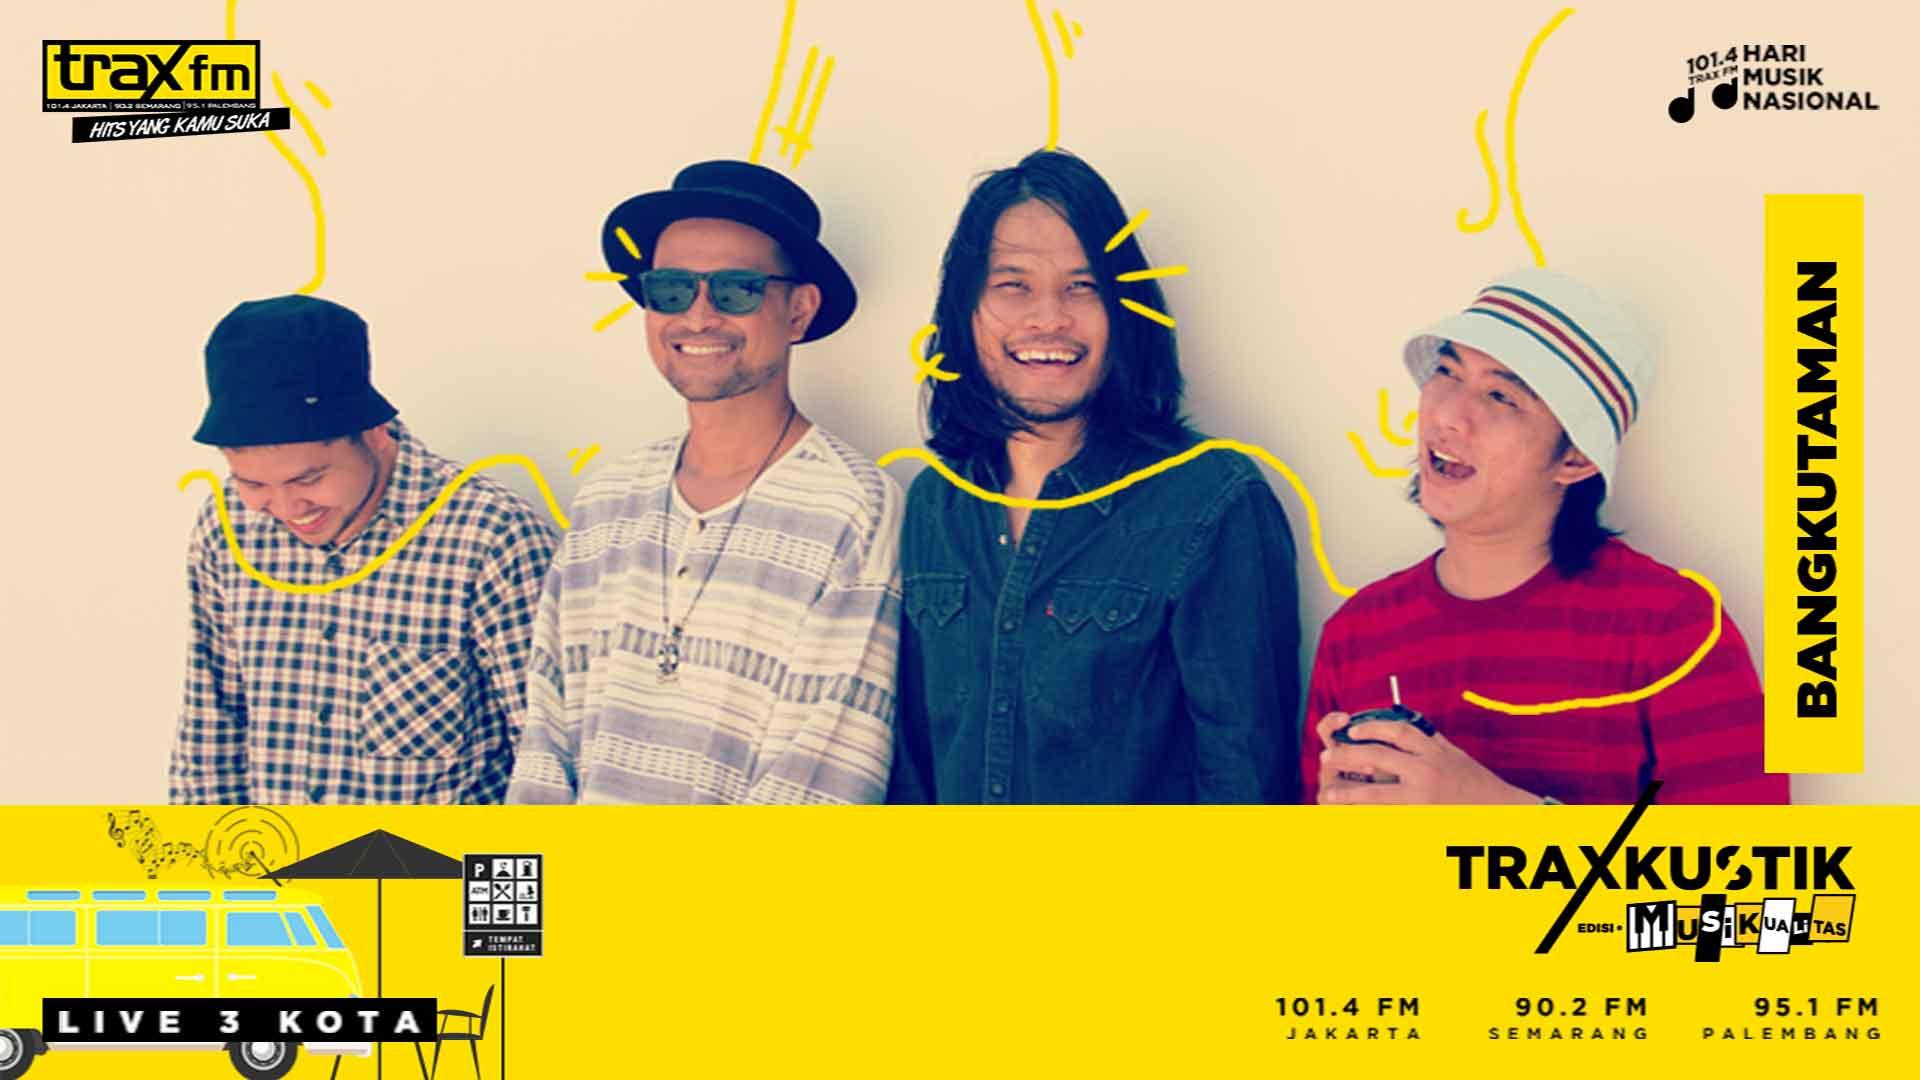 Radio Anak Muda_Bangkutaman